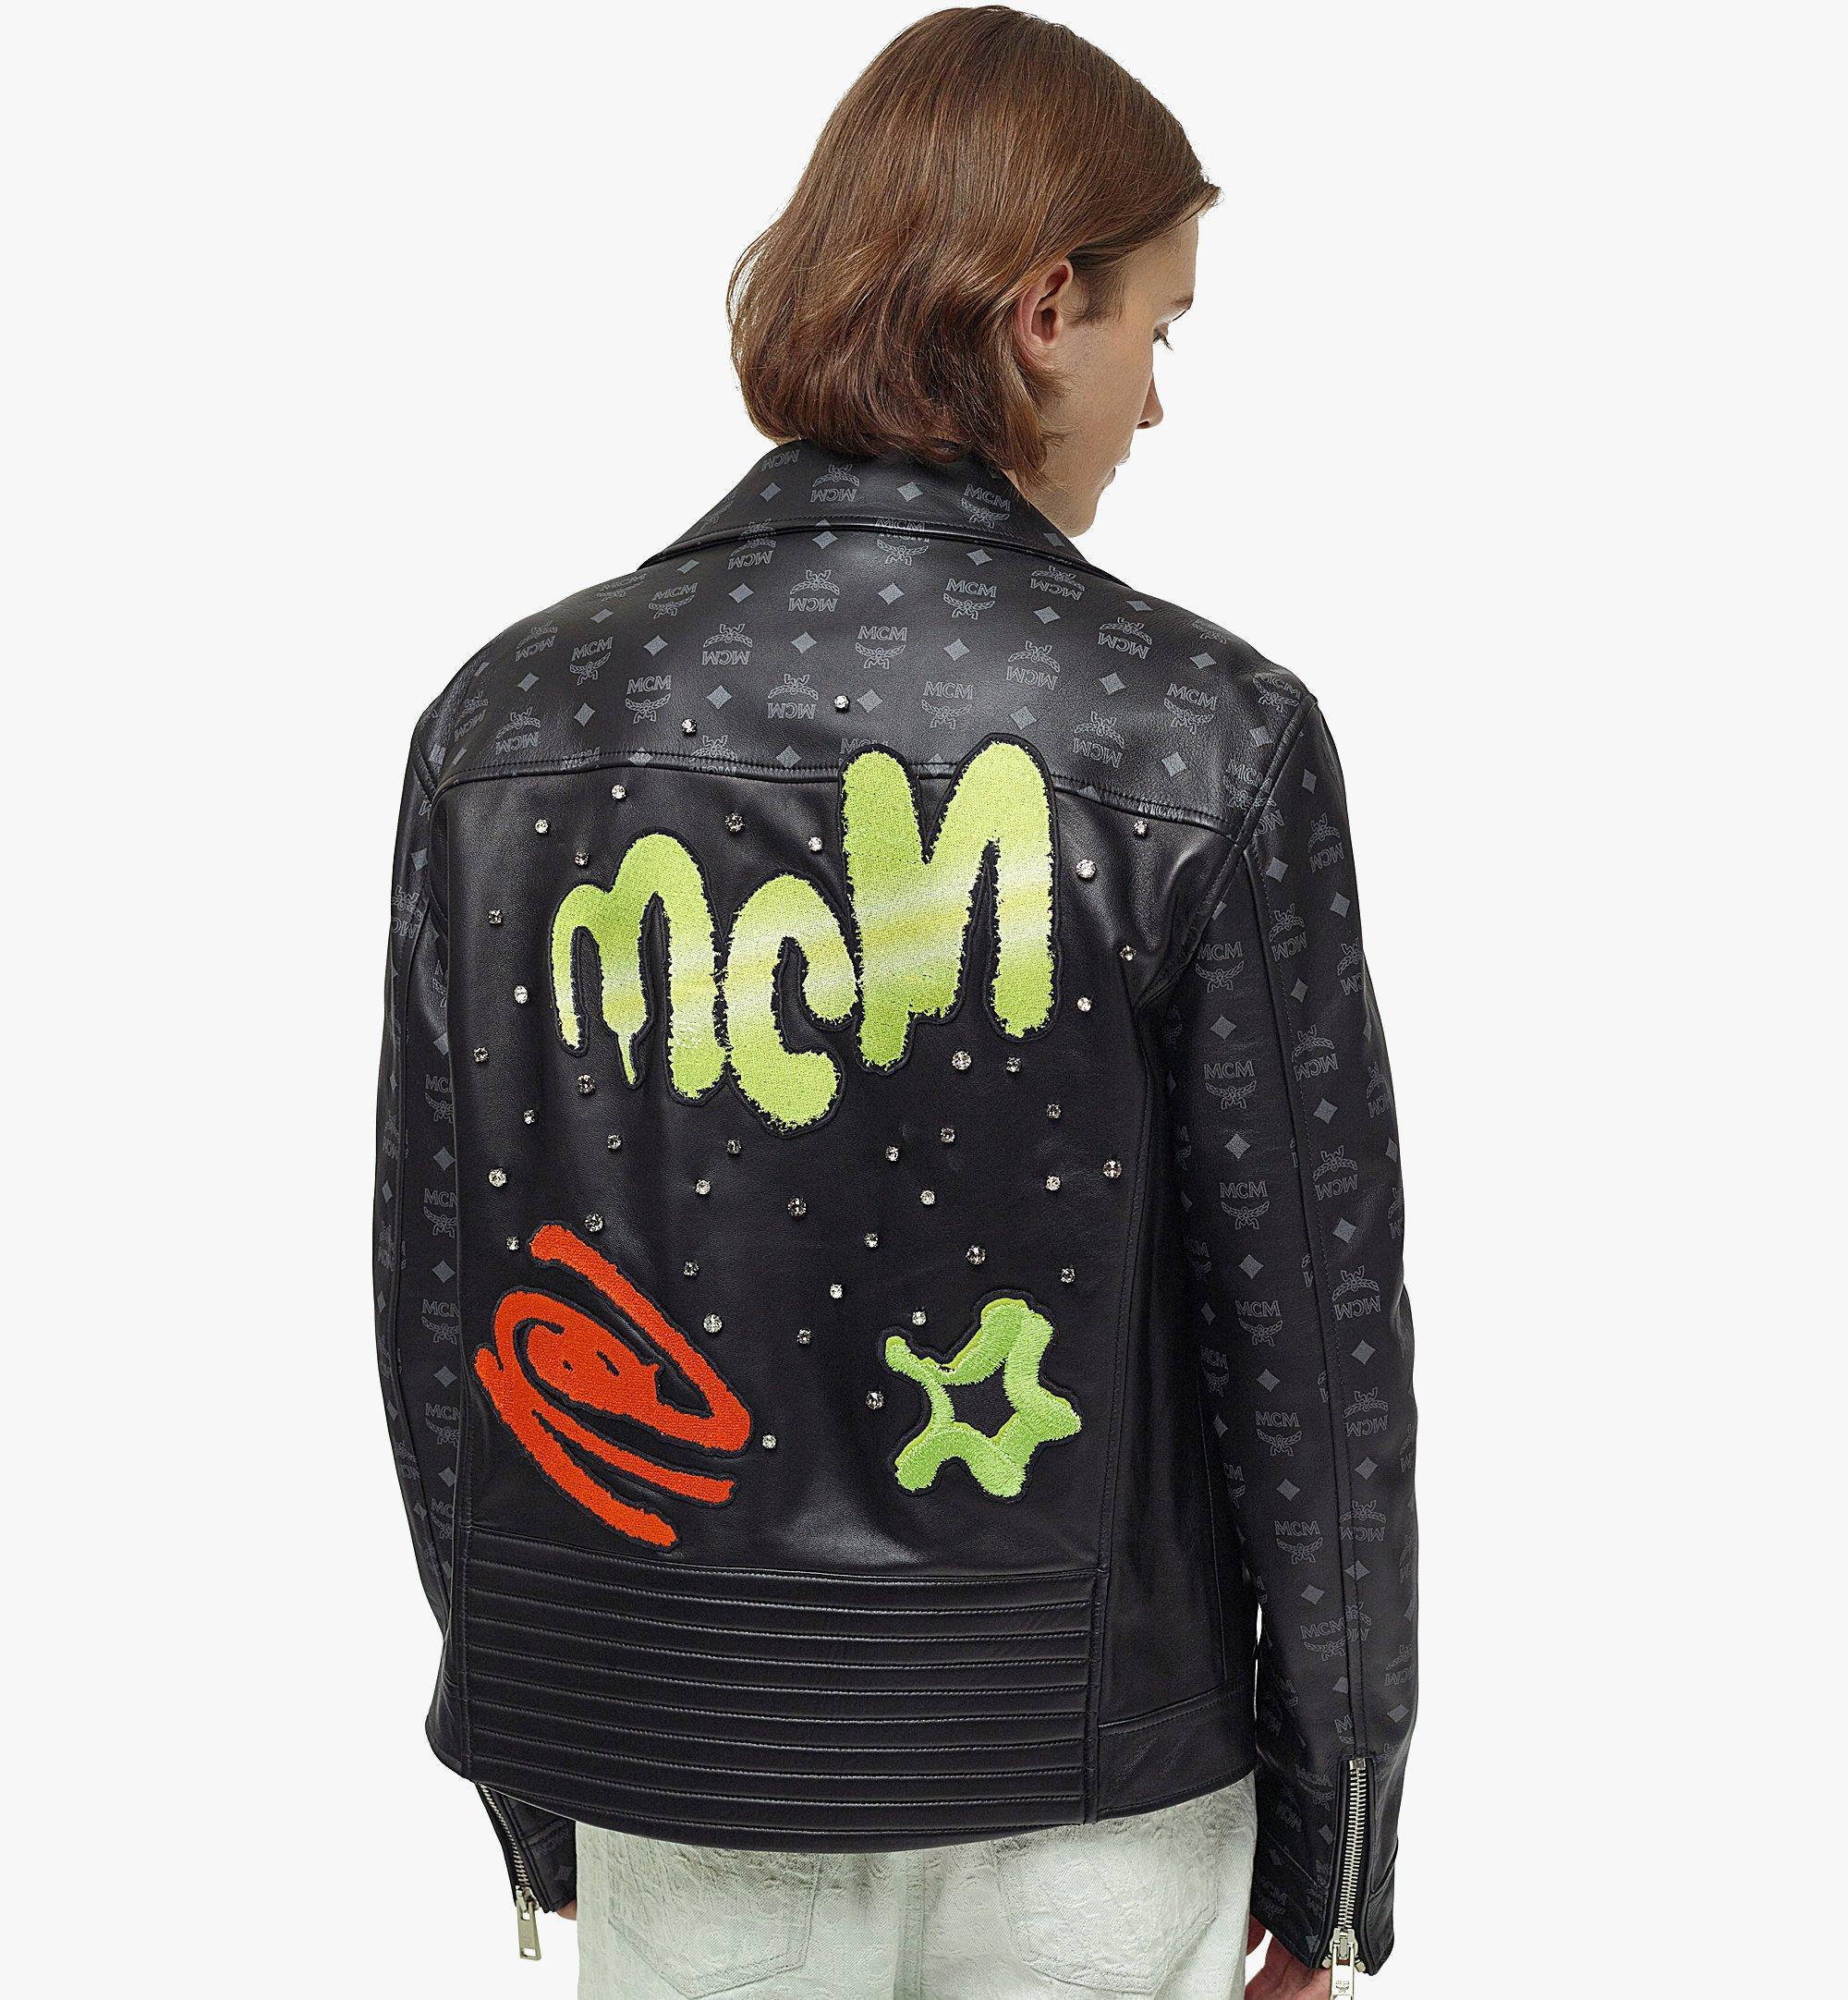 MCM 남성용 업사이클링 프로젝트 모노그램 레더 재킷 Black MHJBAUP01BK048 다른 각도 보기 2